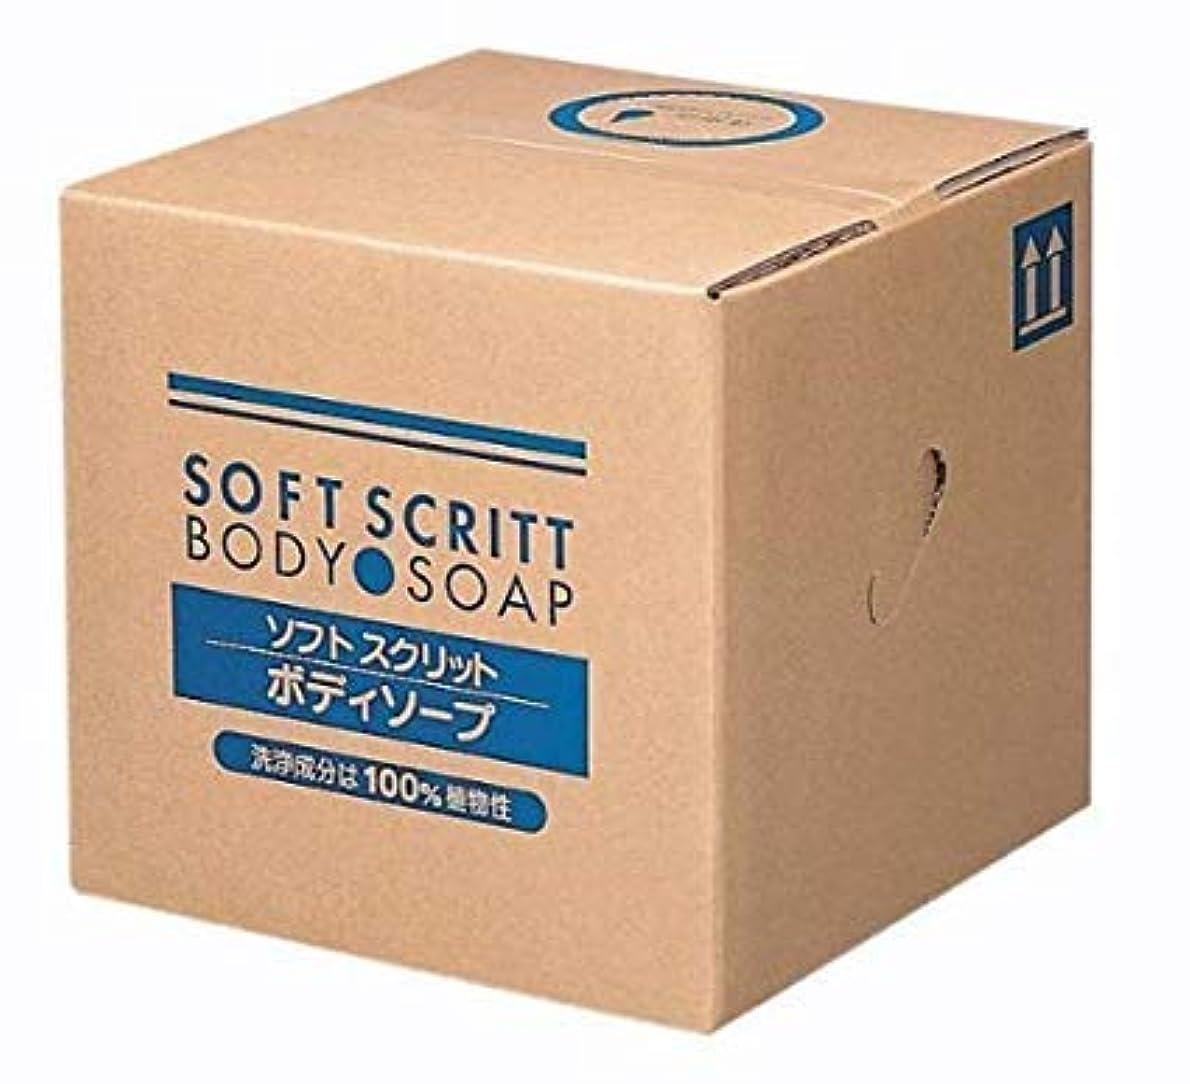 マーベル精緻化差別する業務用 SOFT SCRITT(ソフト スクリット) ボディソープ 18L 熊野油脂 コック無し